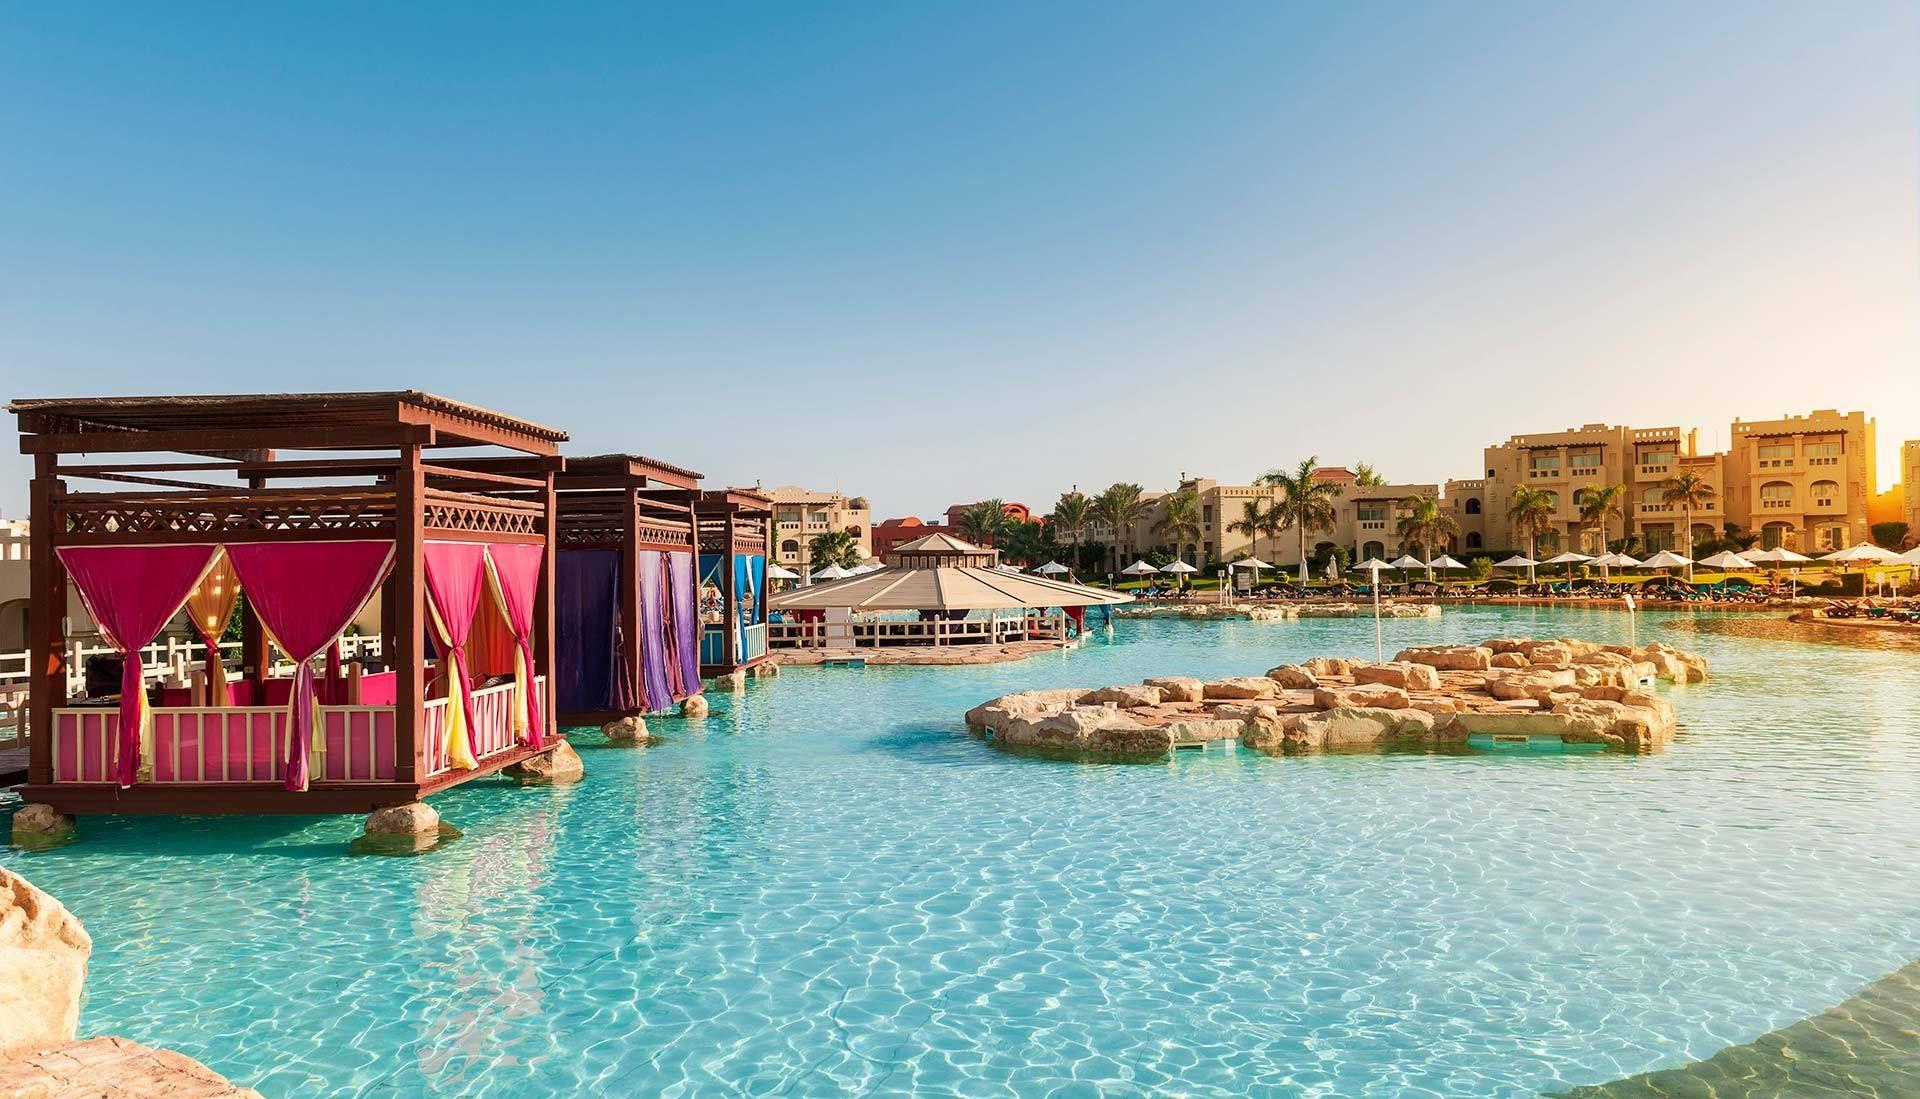 Reksos Resort Sharm El Sheikh Egypt Sharm El Sheikh Egypt Sharm El Sheikh Egypt Resorts